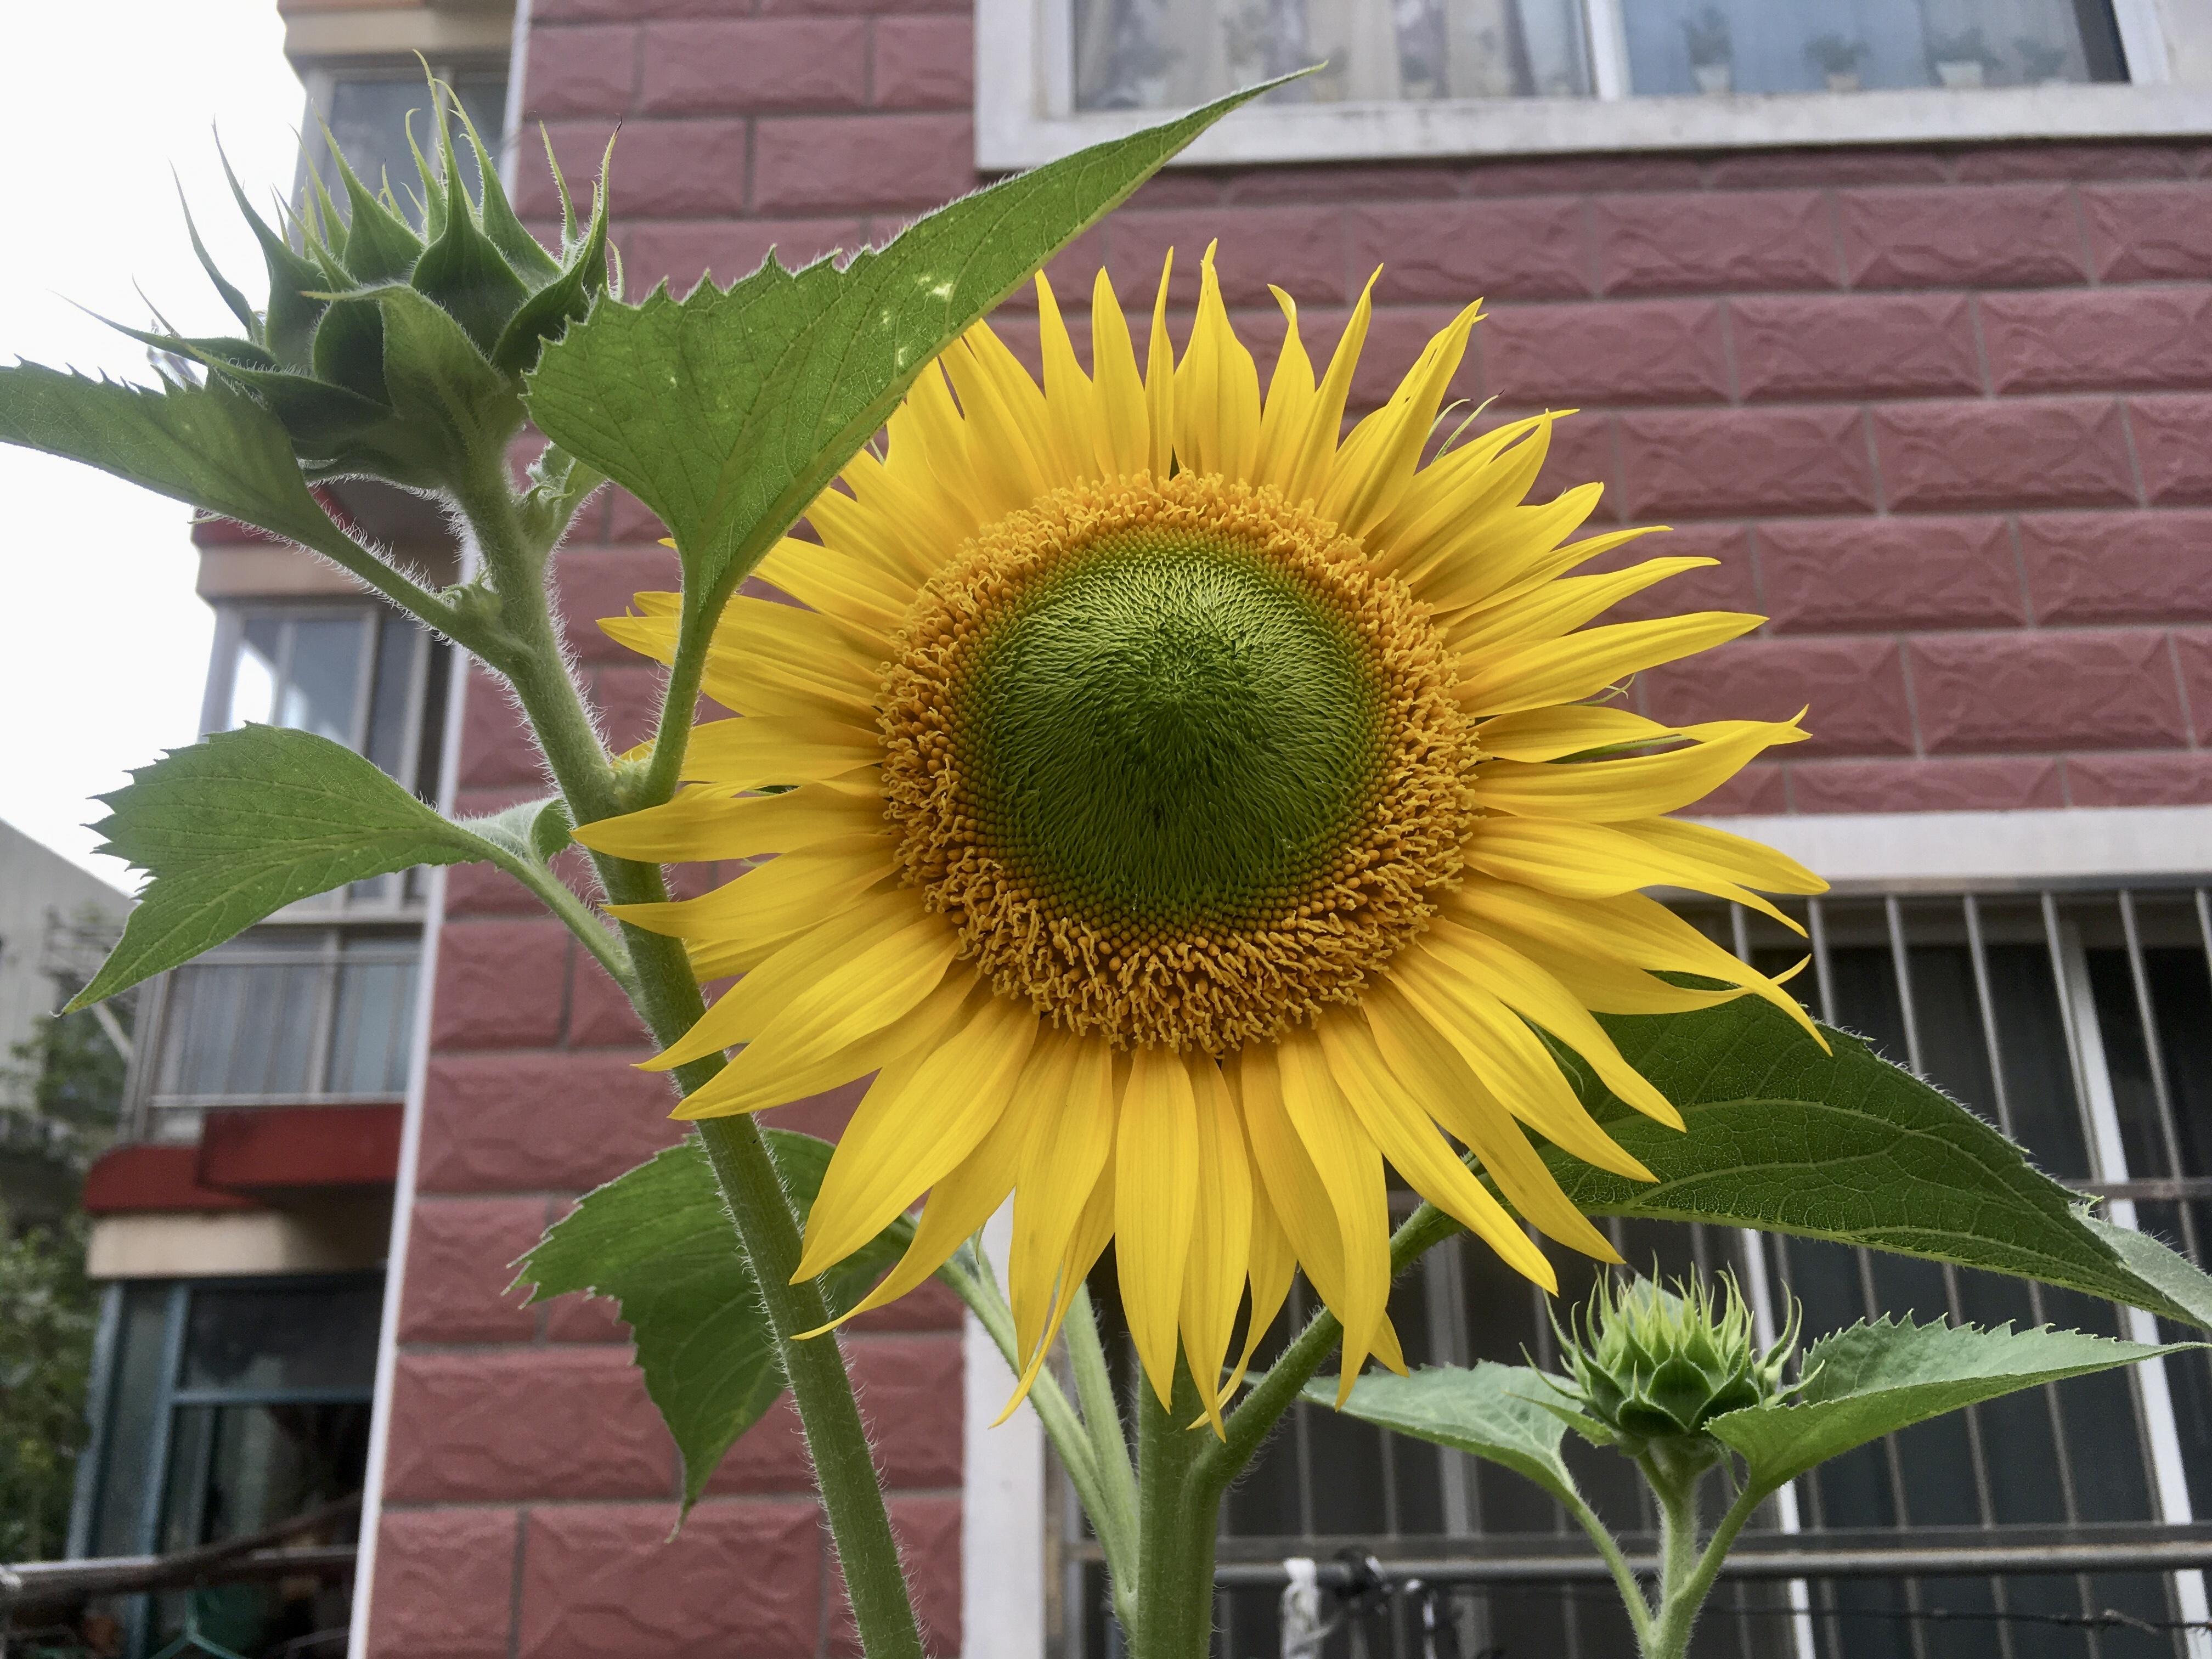 向日葵/太陽花(20210620 14:20:58 攝于綠波城小区,大概有 20 年沒見了)